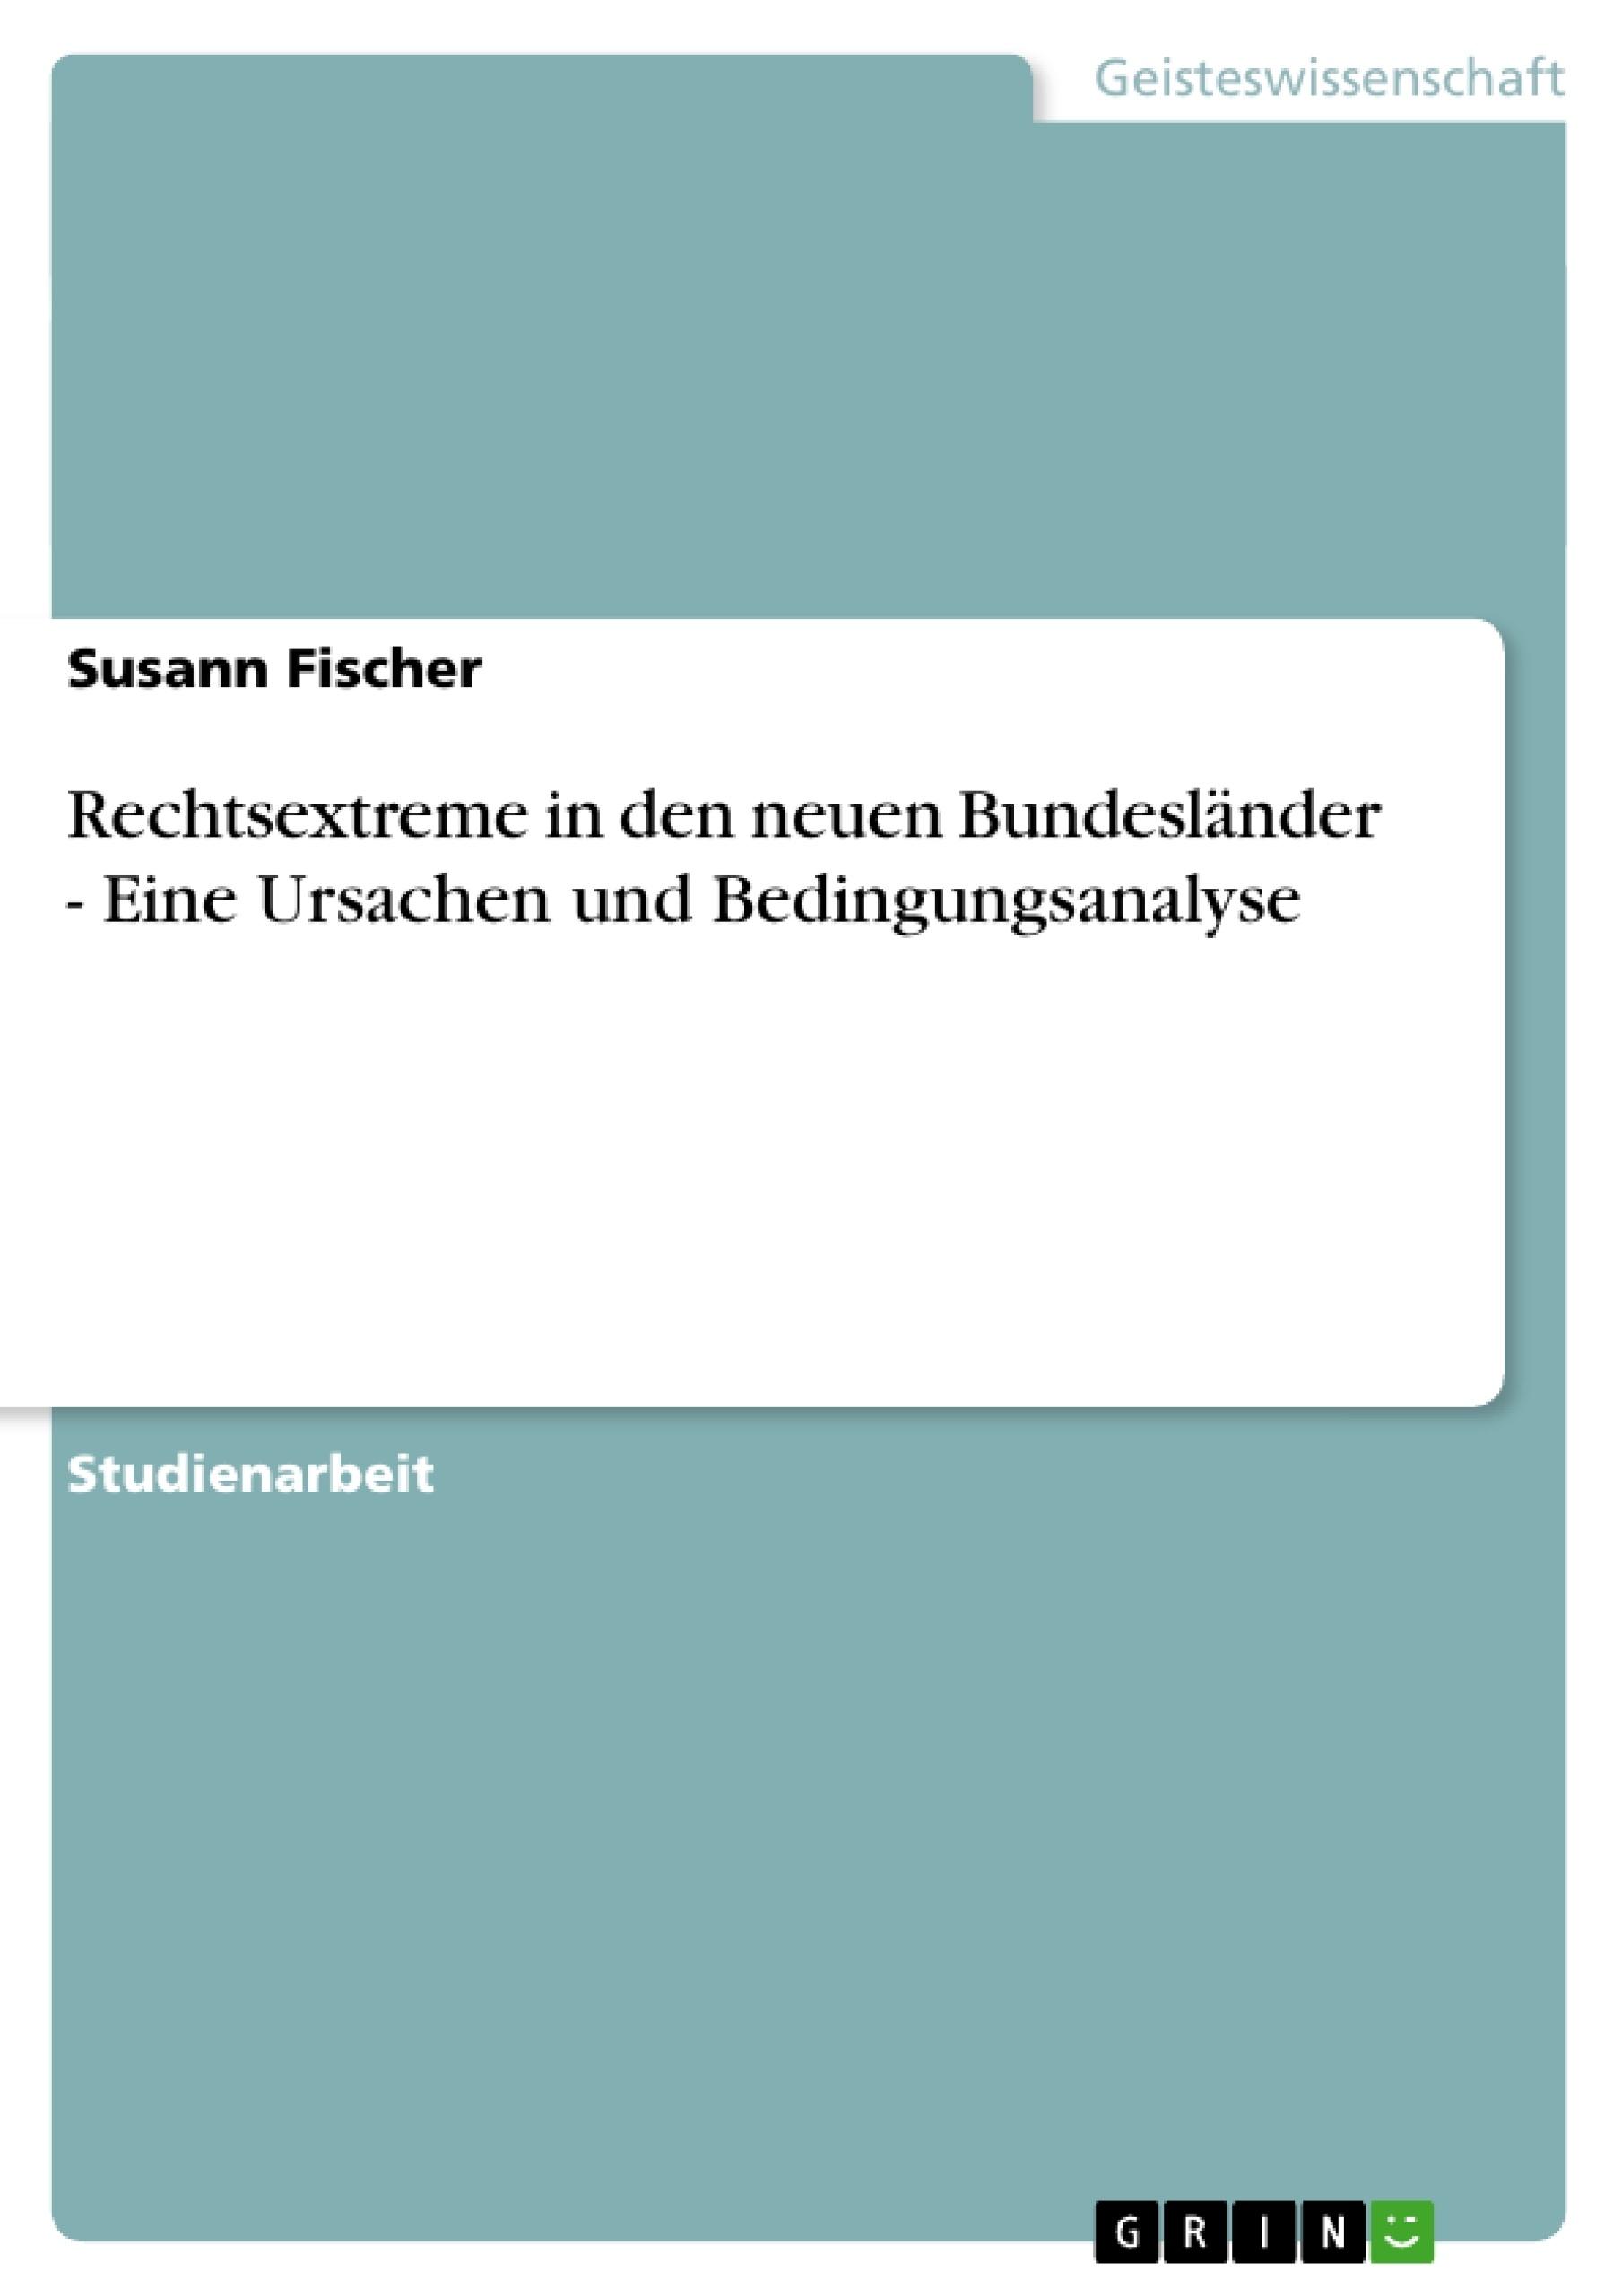 Titel: Rechtsextreme in den neuen Bundesländer - Eine Ursachen und Bedingungsanalyse